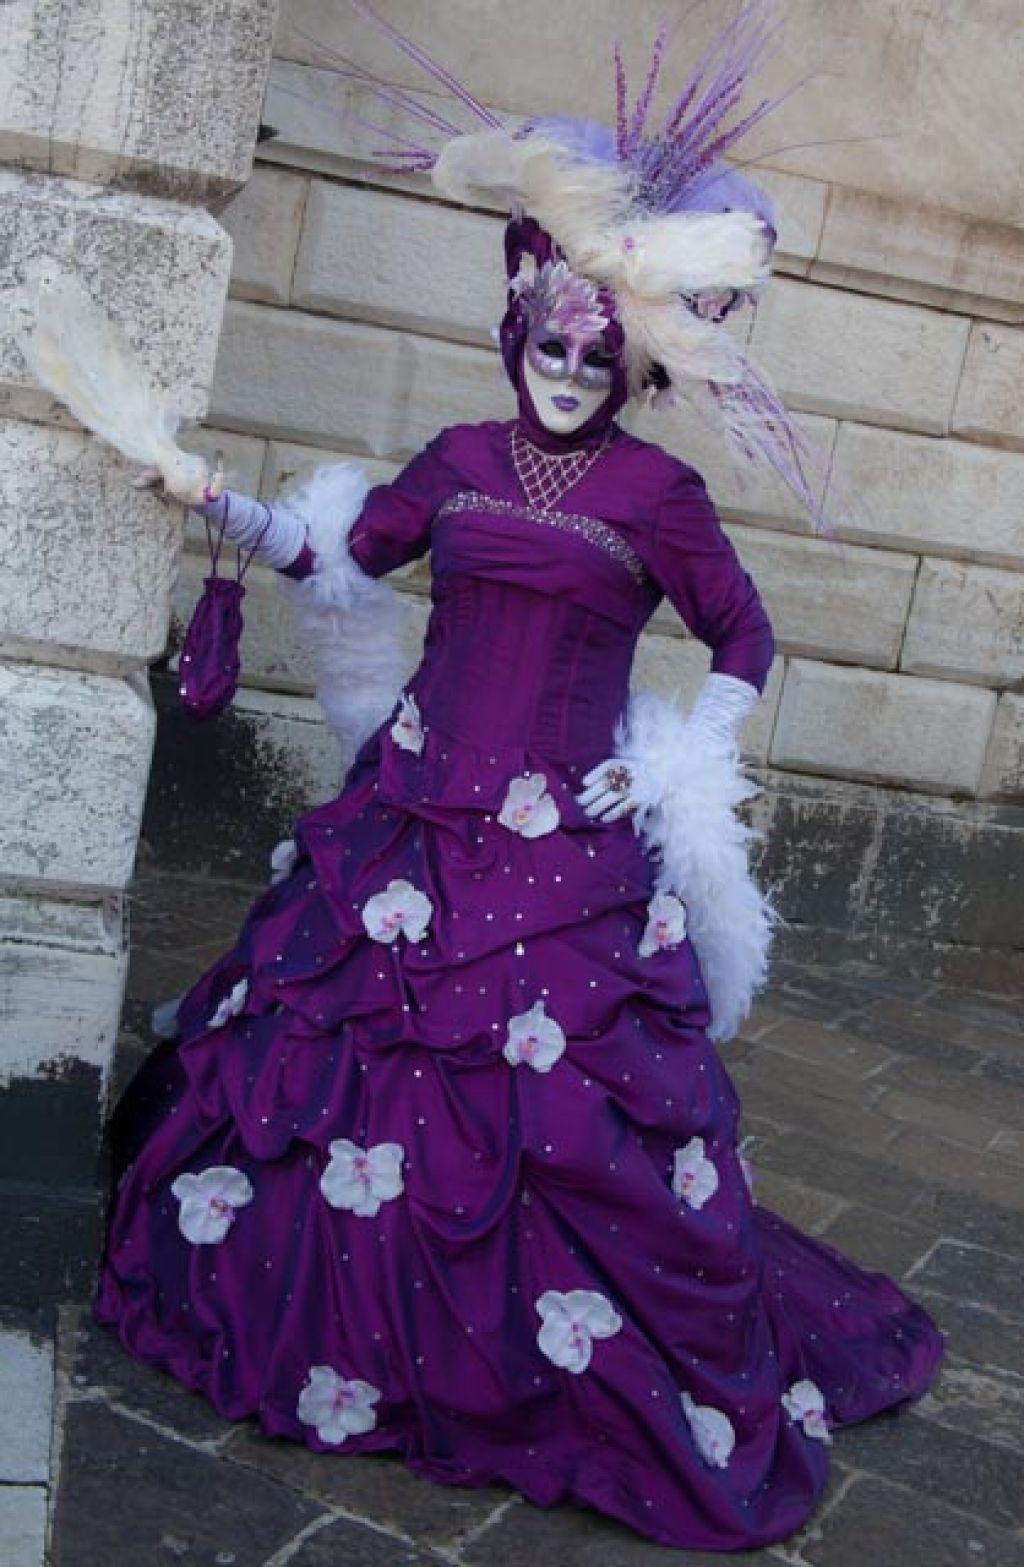 venice carnival2 Carnival Costumes at Santa Maria della Salute